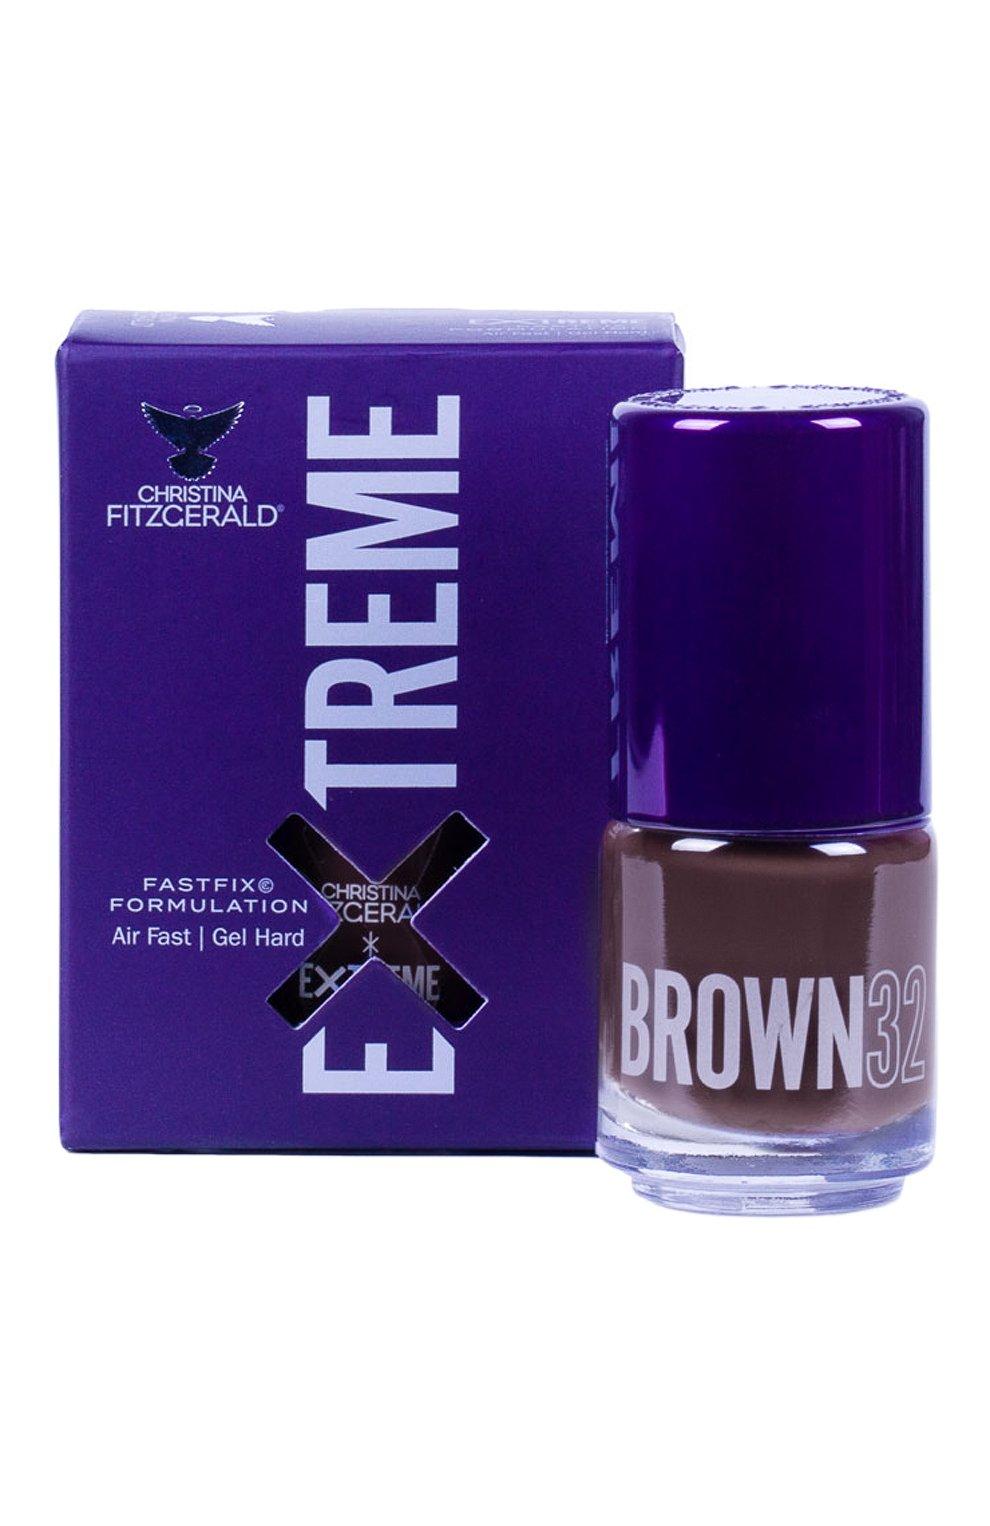 Женский лак для ногтей extreme, оттенок brown 32 CHRISTINA FITZGERALD бесцветного цвета, арт. 9333381005212 | Фото 1